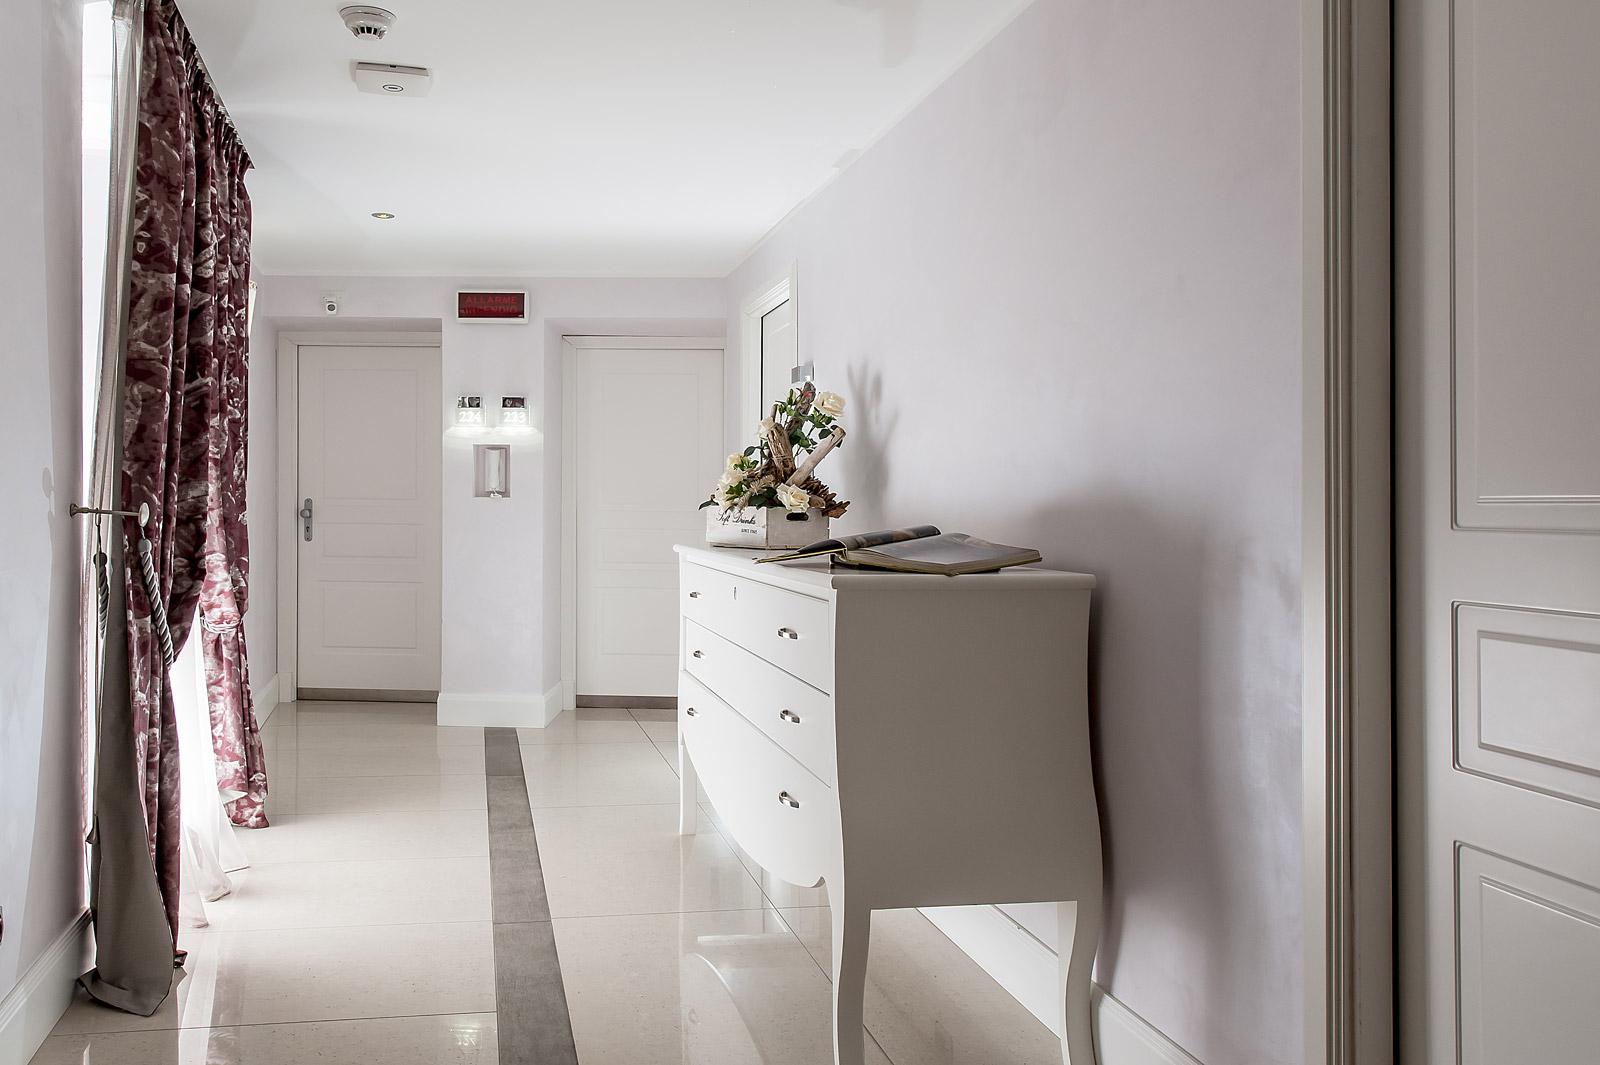 Ufficio Nuovo Hotel : Demetra hotel roma nuovo hotel 4 stelle situato al centro di roma